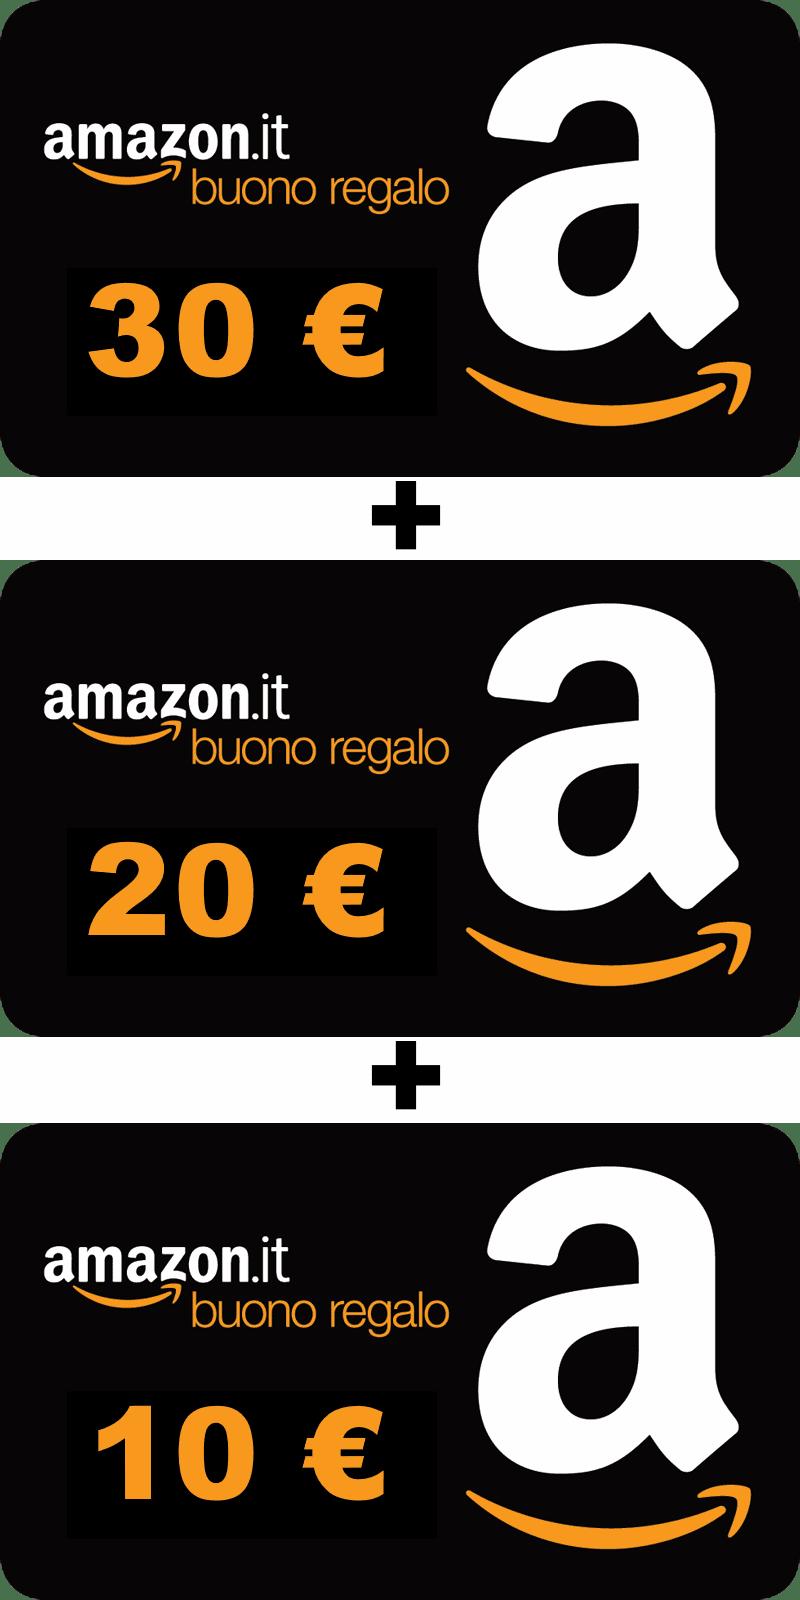 Amazon prime buoni sconto for Codici promozionali amazon elettronica